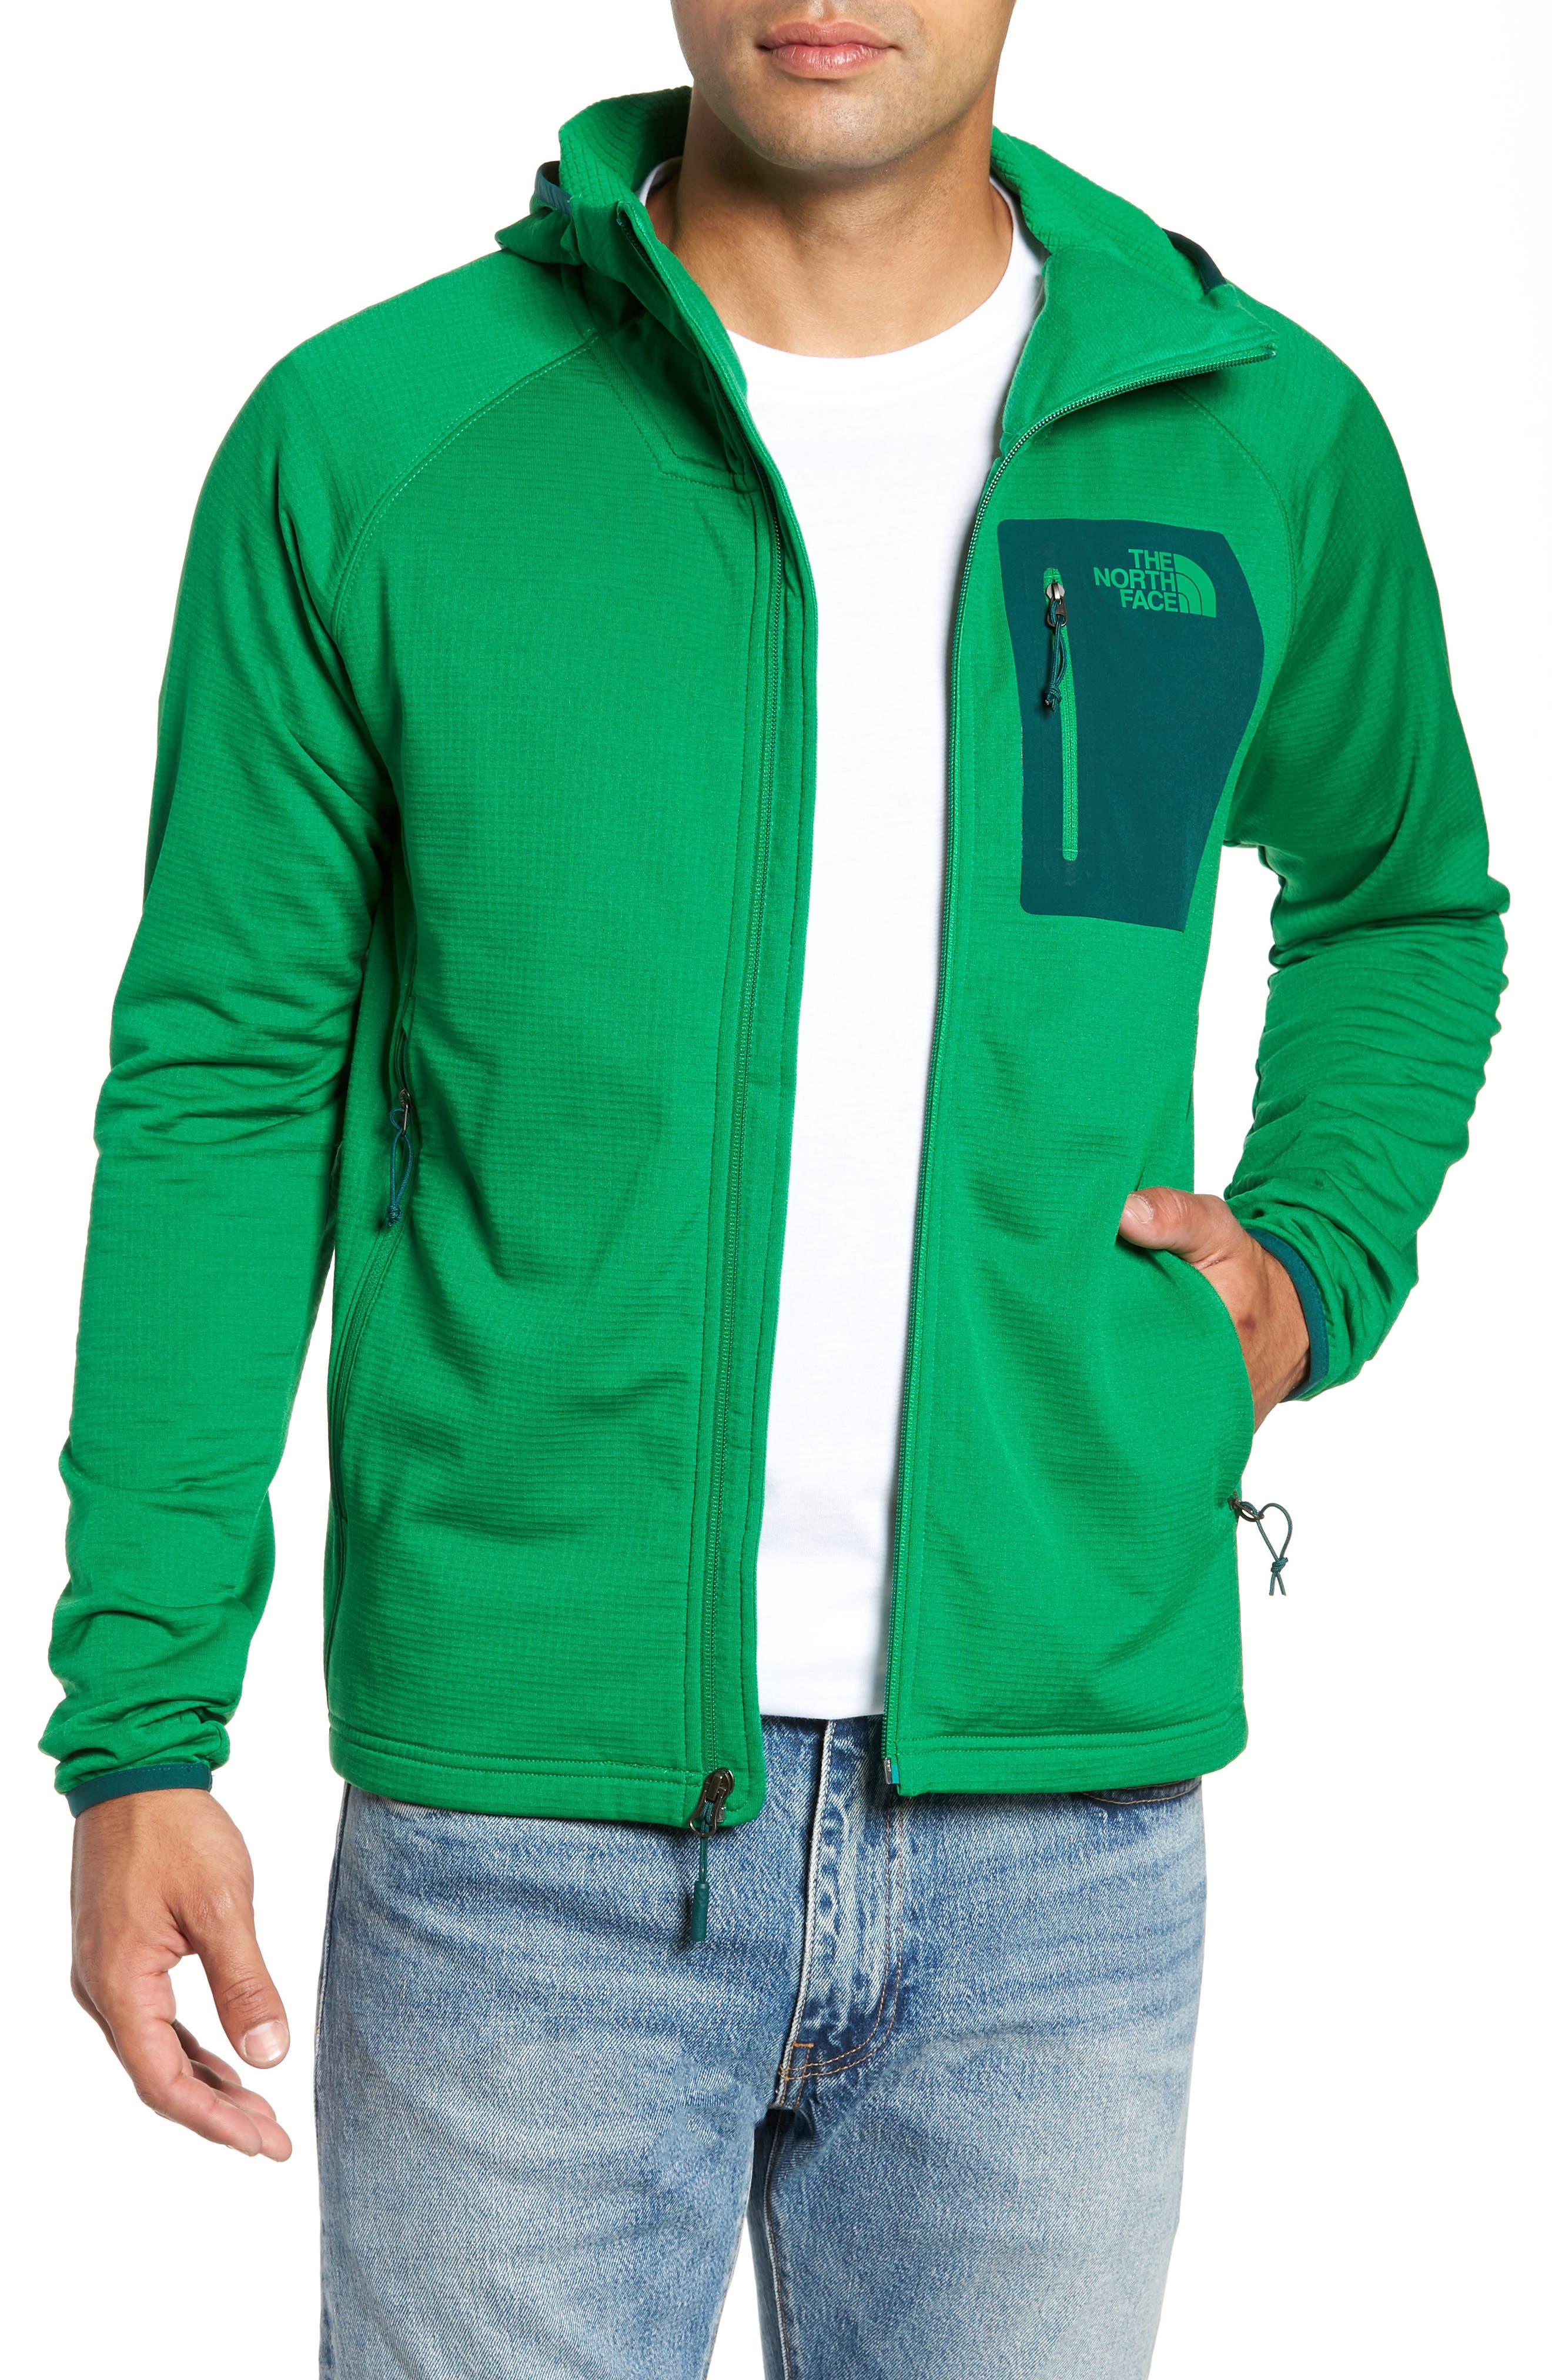 Borod Zip Fleece Jacket,                         Main,                         color, PRIMARY GREEN/GARDEN GREEN